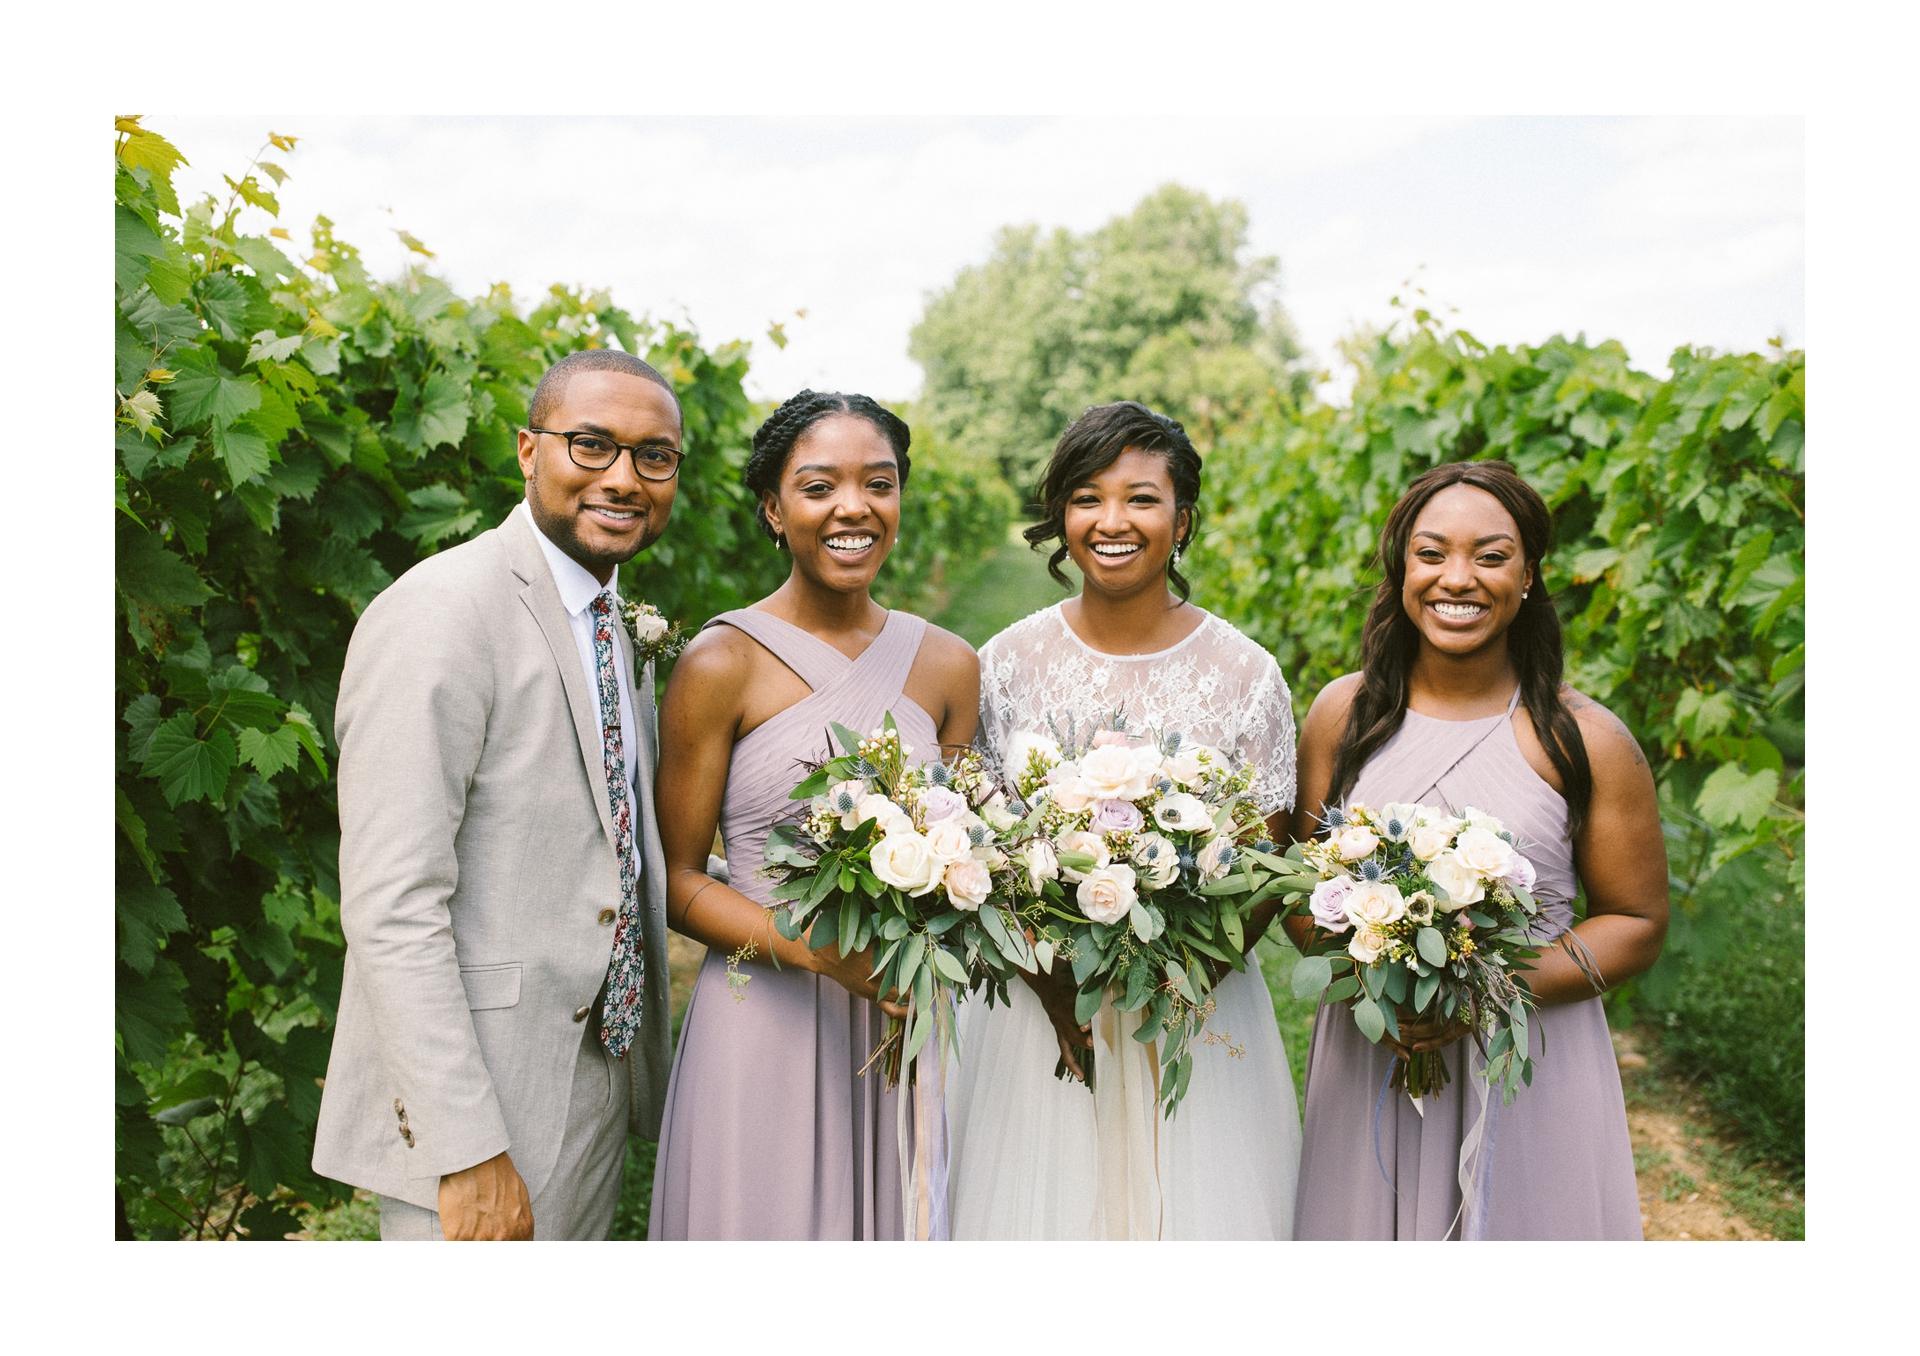 Gervasi Wedding Photographer in Canton Ohio 40.jpg